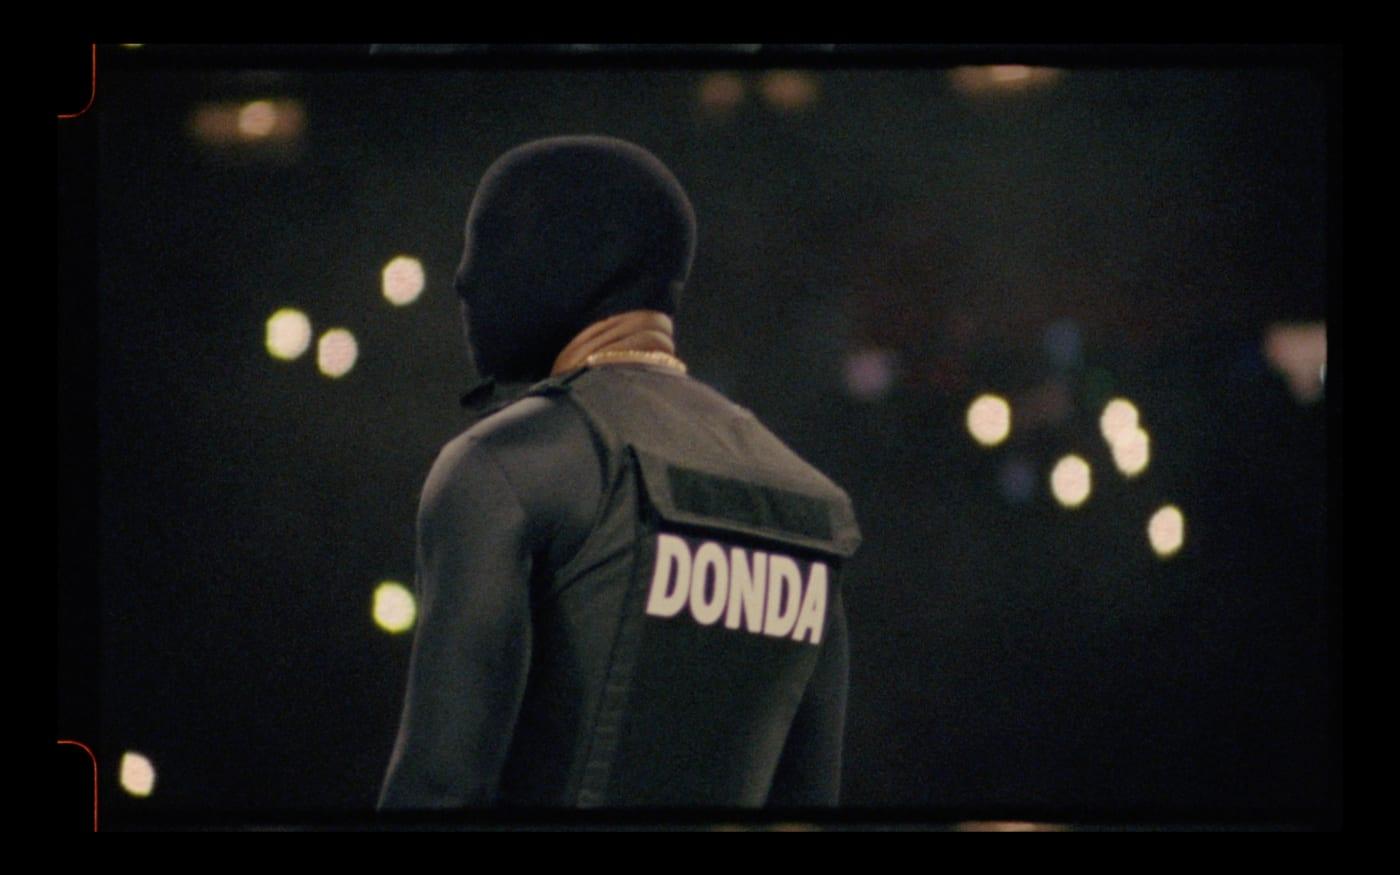 Kanye West 'Donda' listening